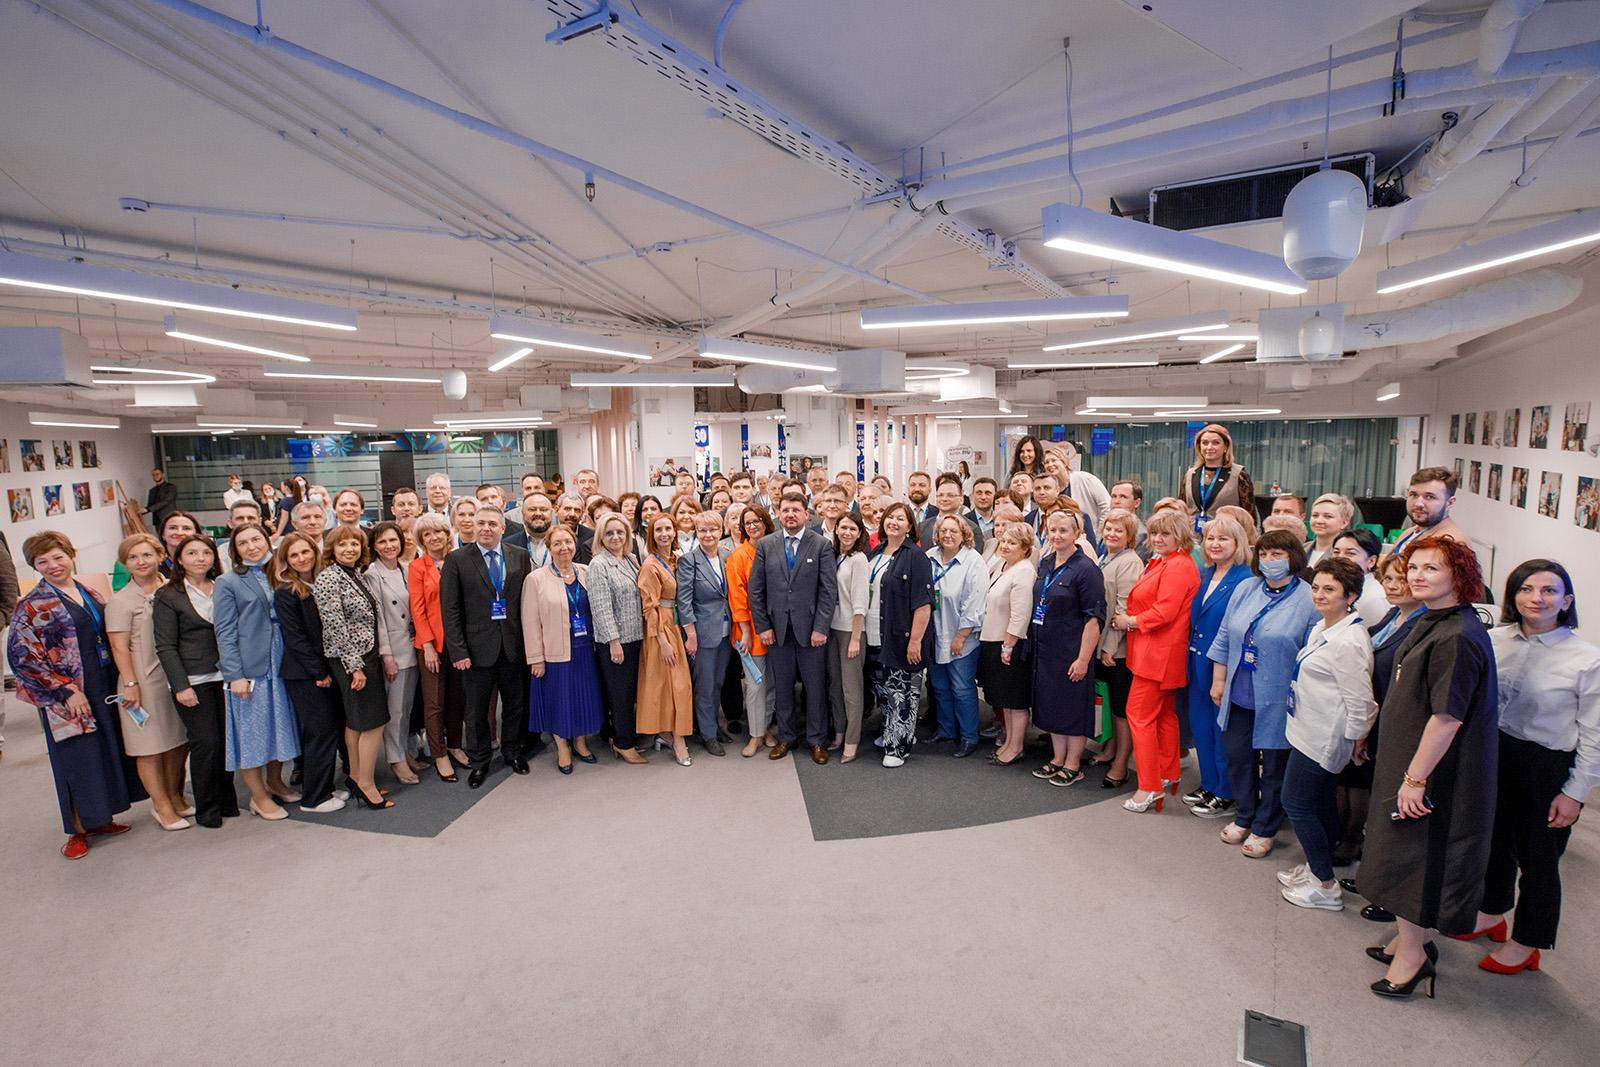 Евгений Стружак поздравил сотрудников социальной сферы с Днем социального работника